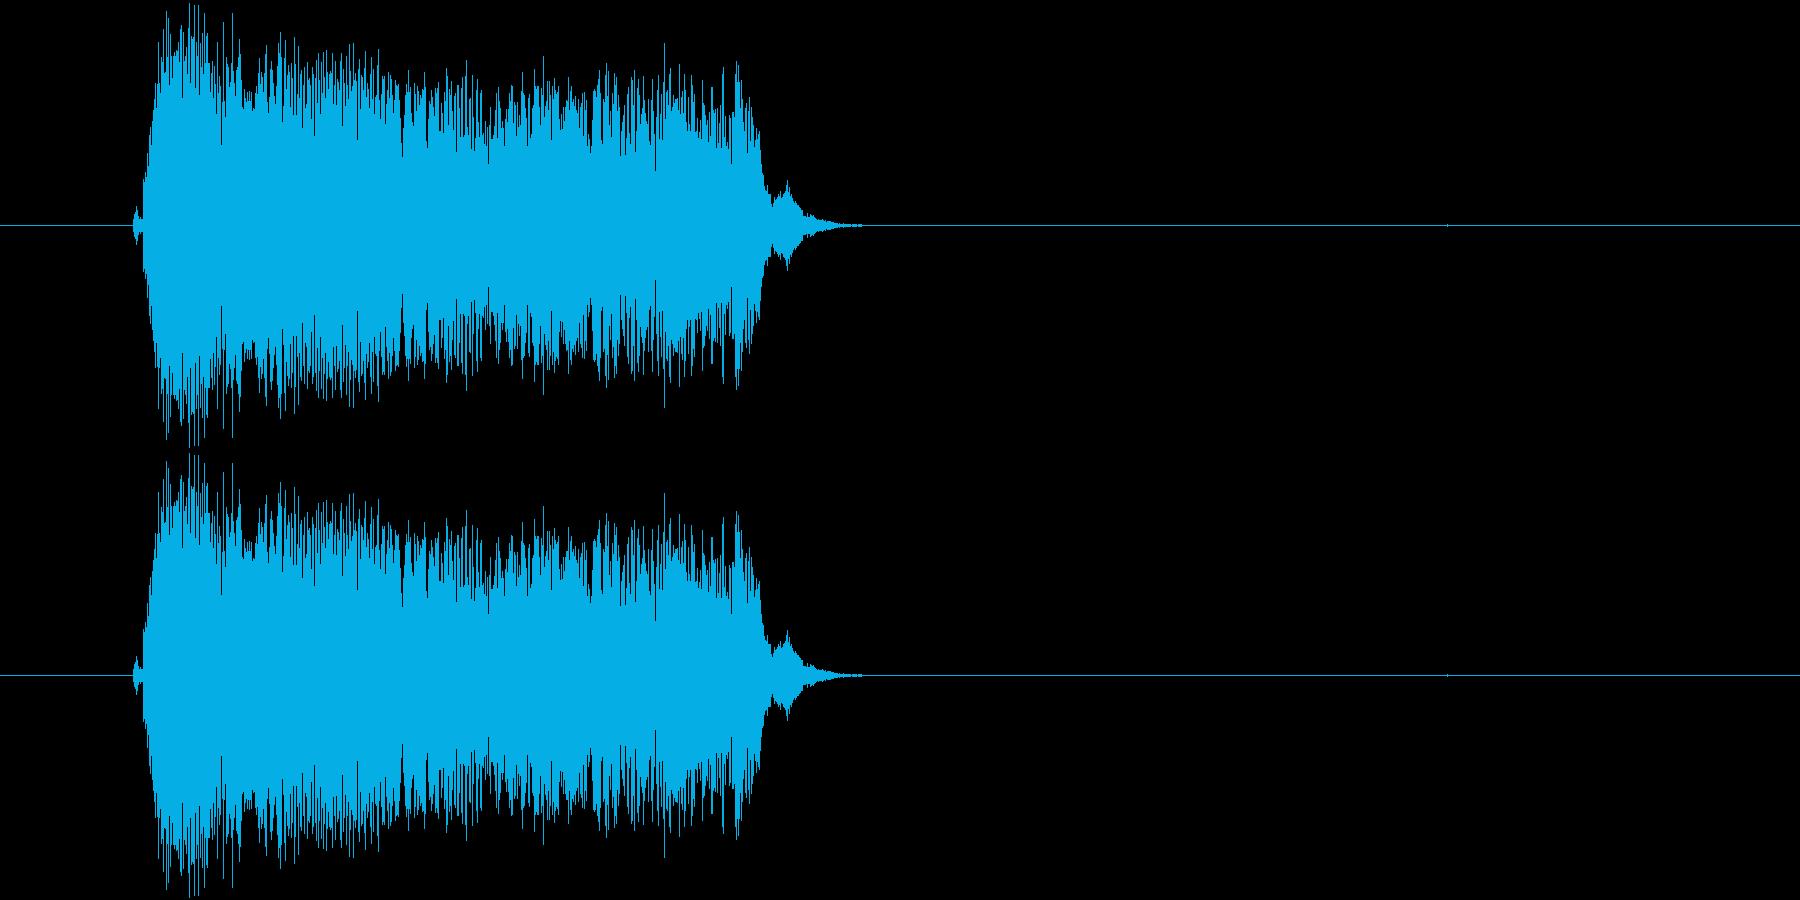 子どもの叫び声(3声)の再生済みの波形